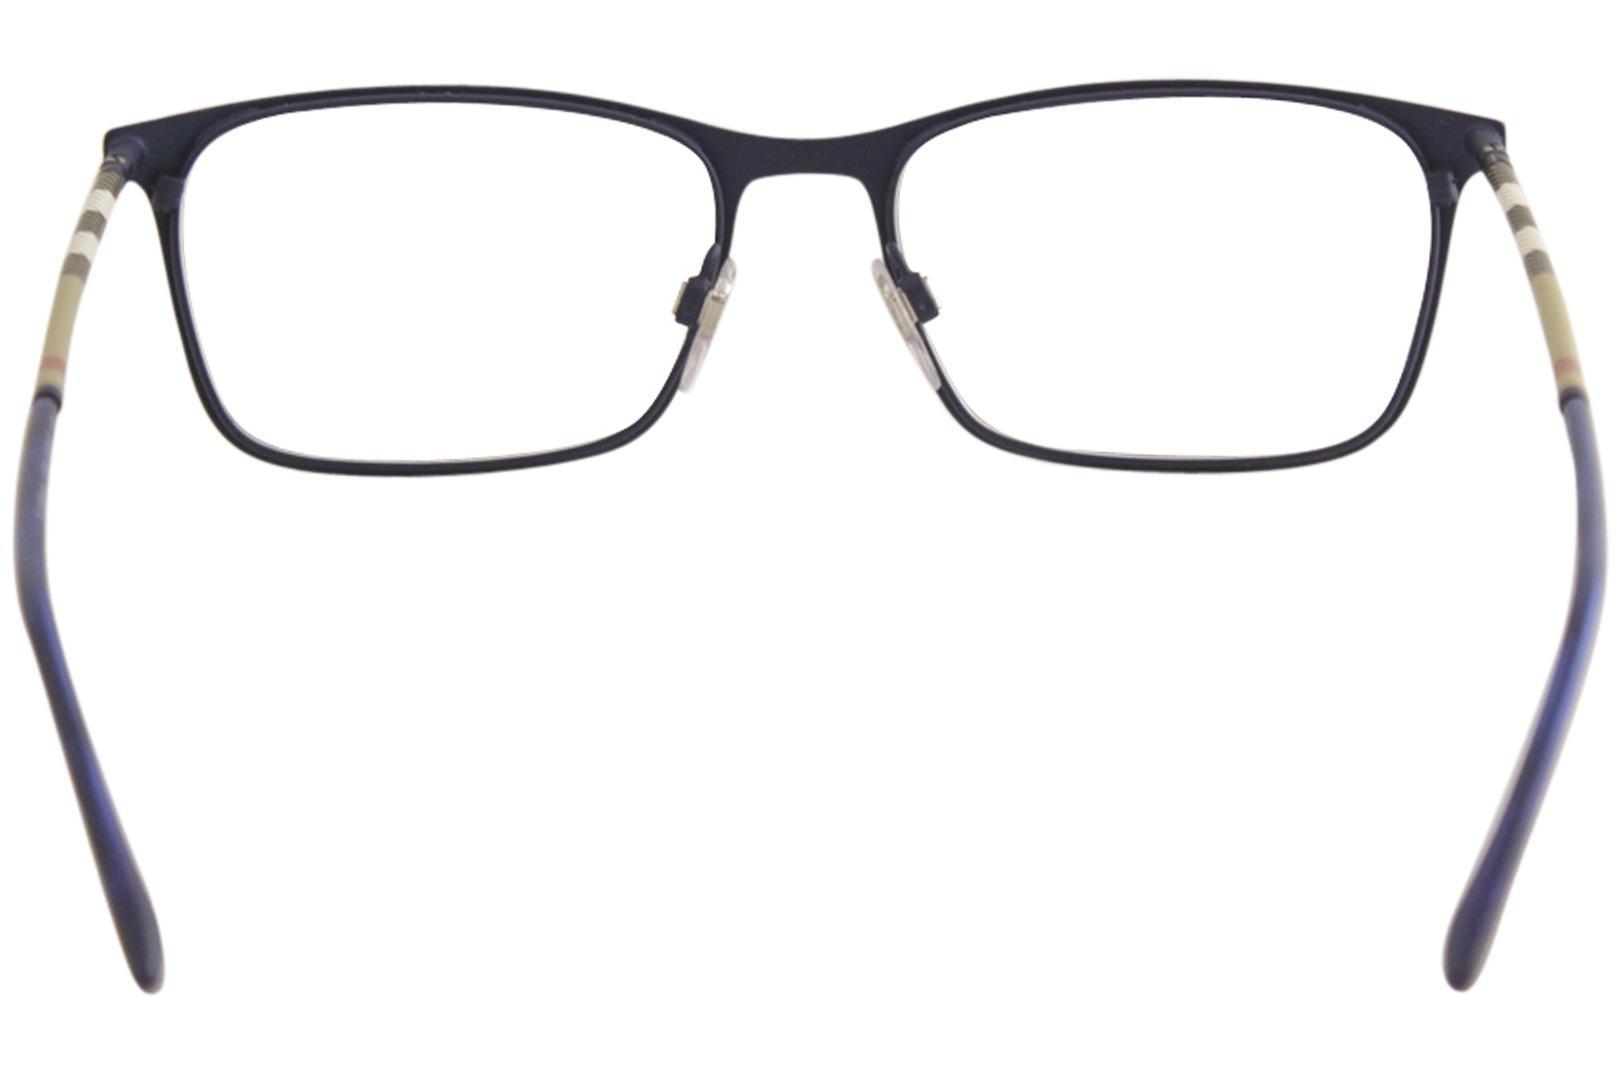 e9379f661067 Burberry Men s Eyeglasses BE1309Q BE 1309 Q Full Rim Optical Frame